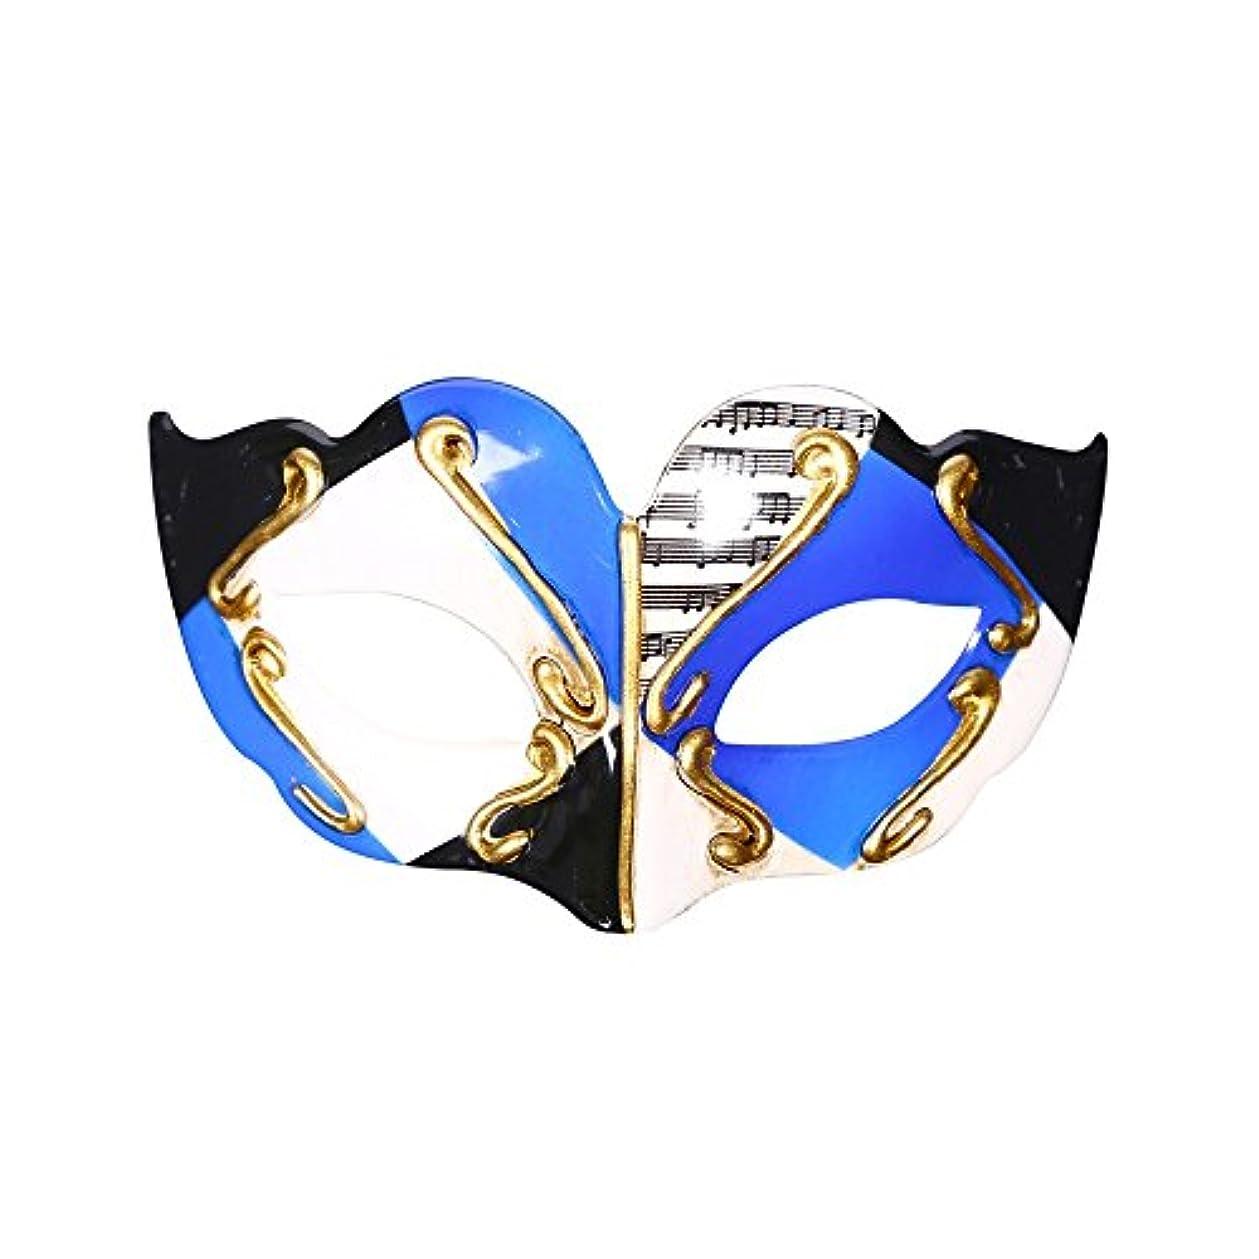 姉妹結果として切手ハロウィーン仮面舞踏会マスクフラットヘッド半顔ハードプラスチック子供のマスク (Color : A)